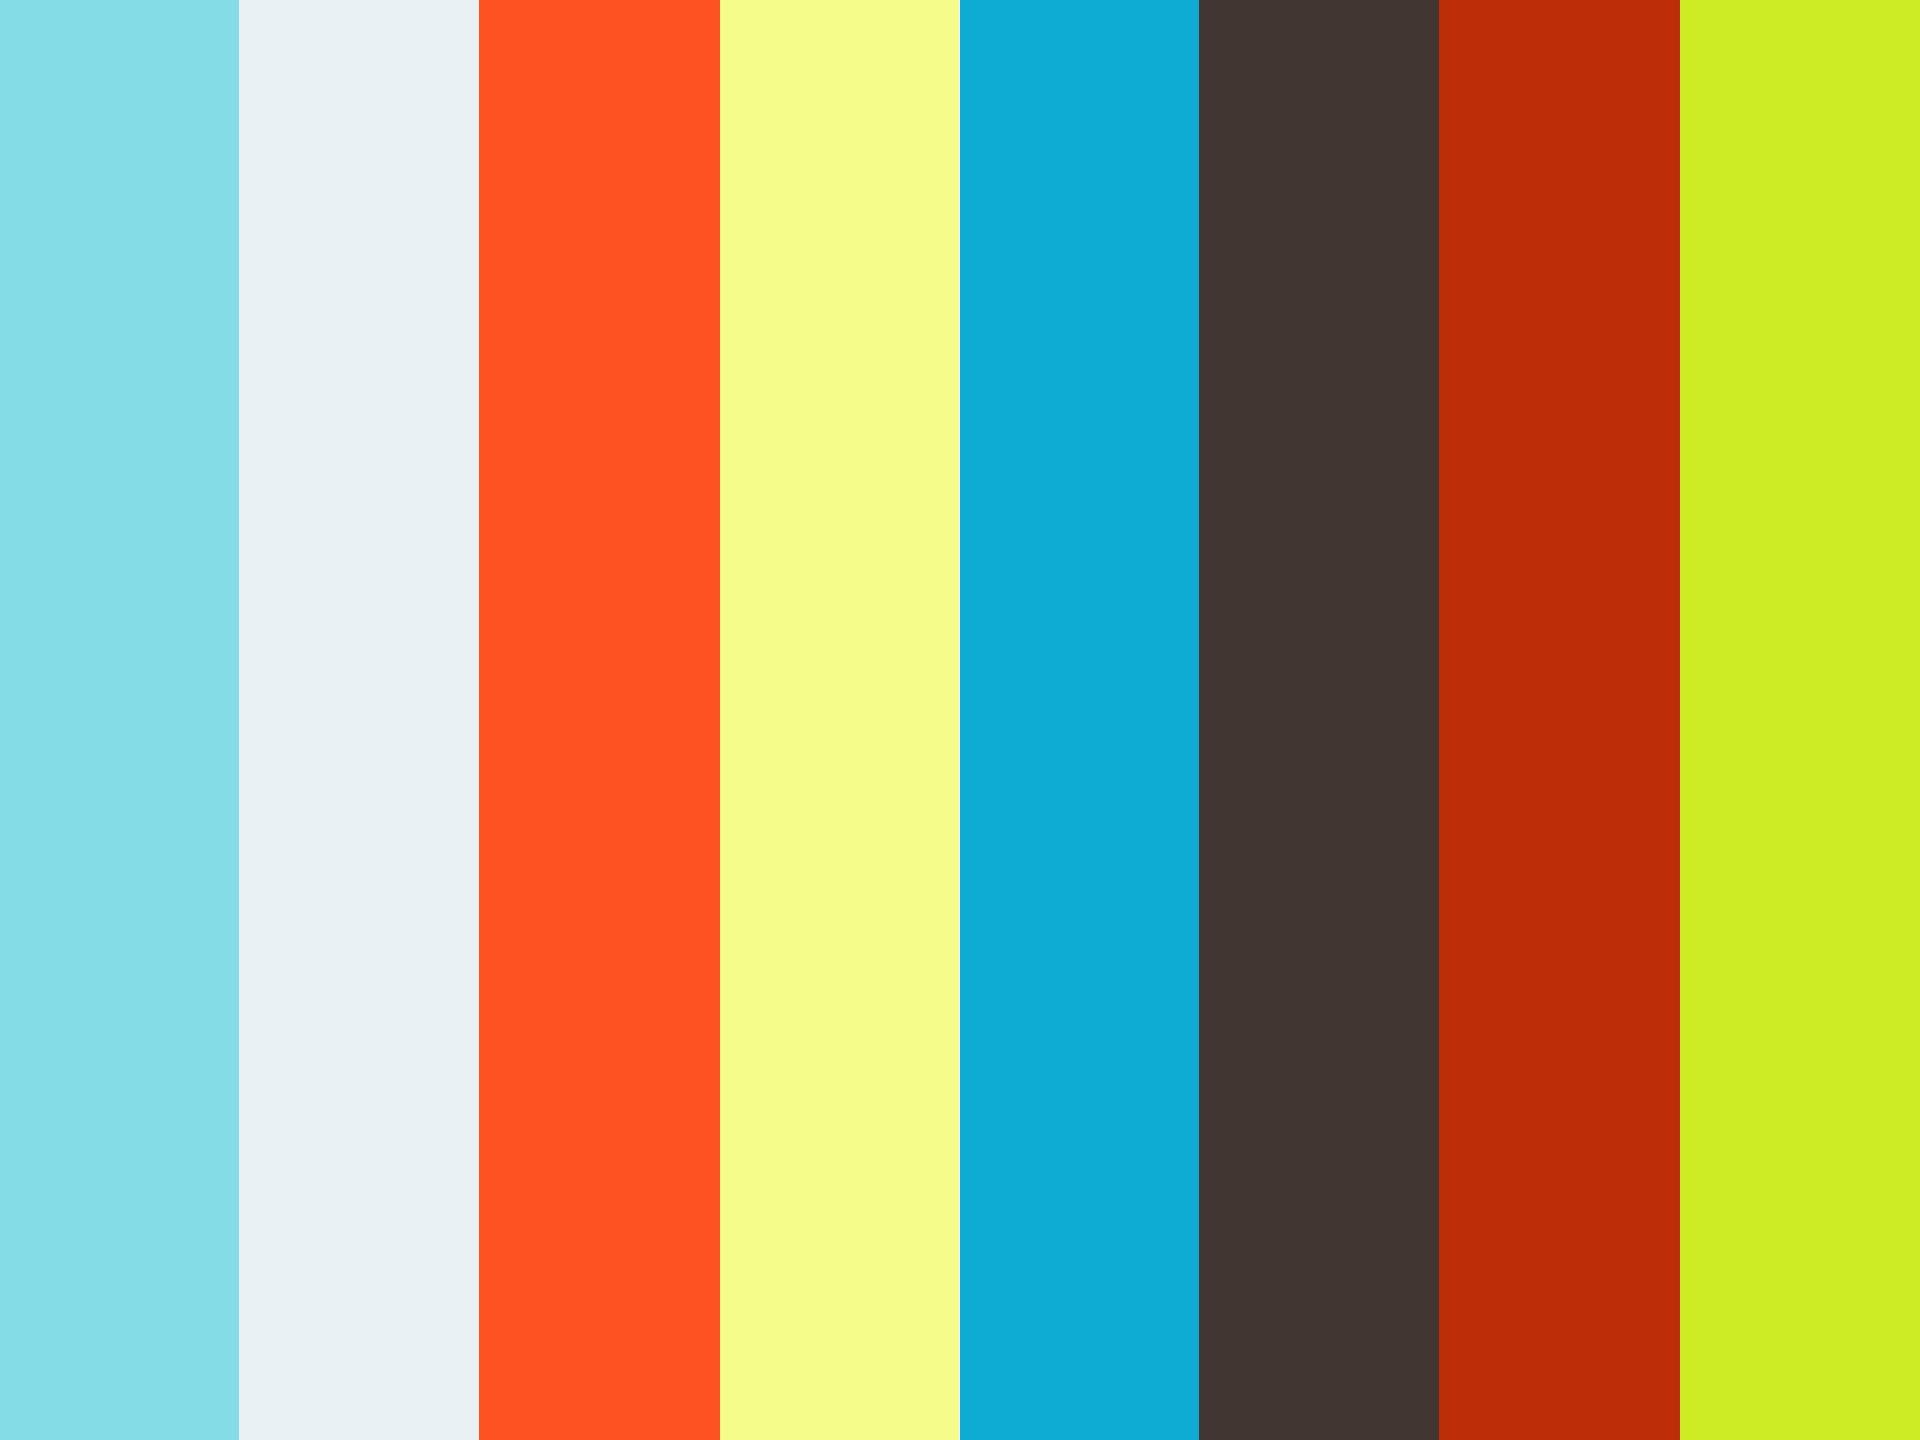 Site De Rencontre Gay à Angers (49)